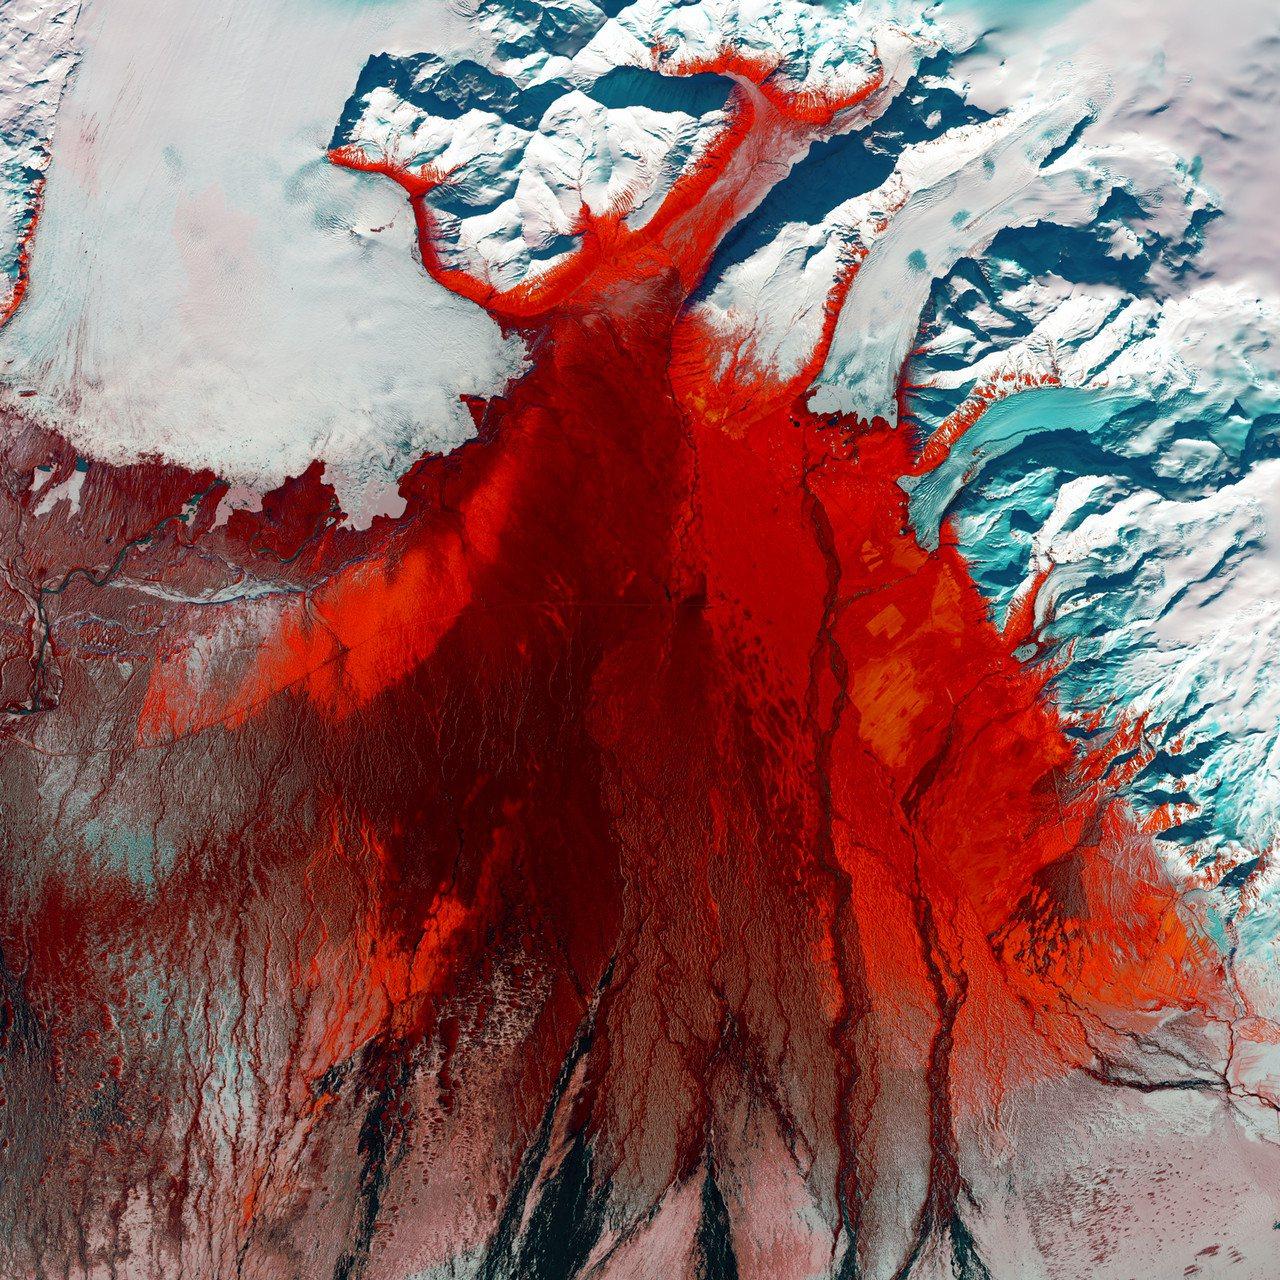 冰島看似光禿沒有植物的冰川,其實充滿著綠色生命。搶眼的鮮紅色代表著被苔蘚、樺樹灌...